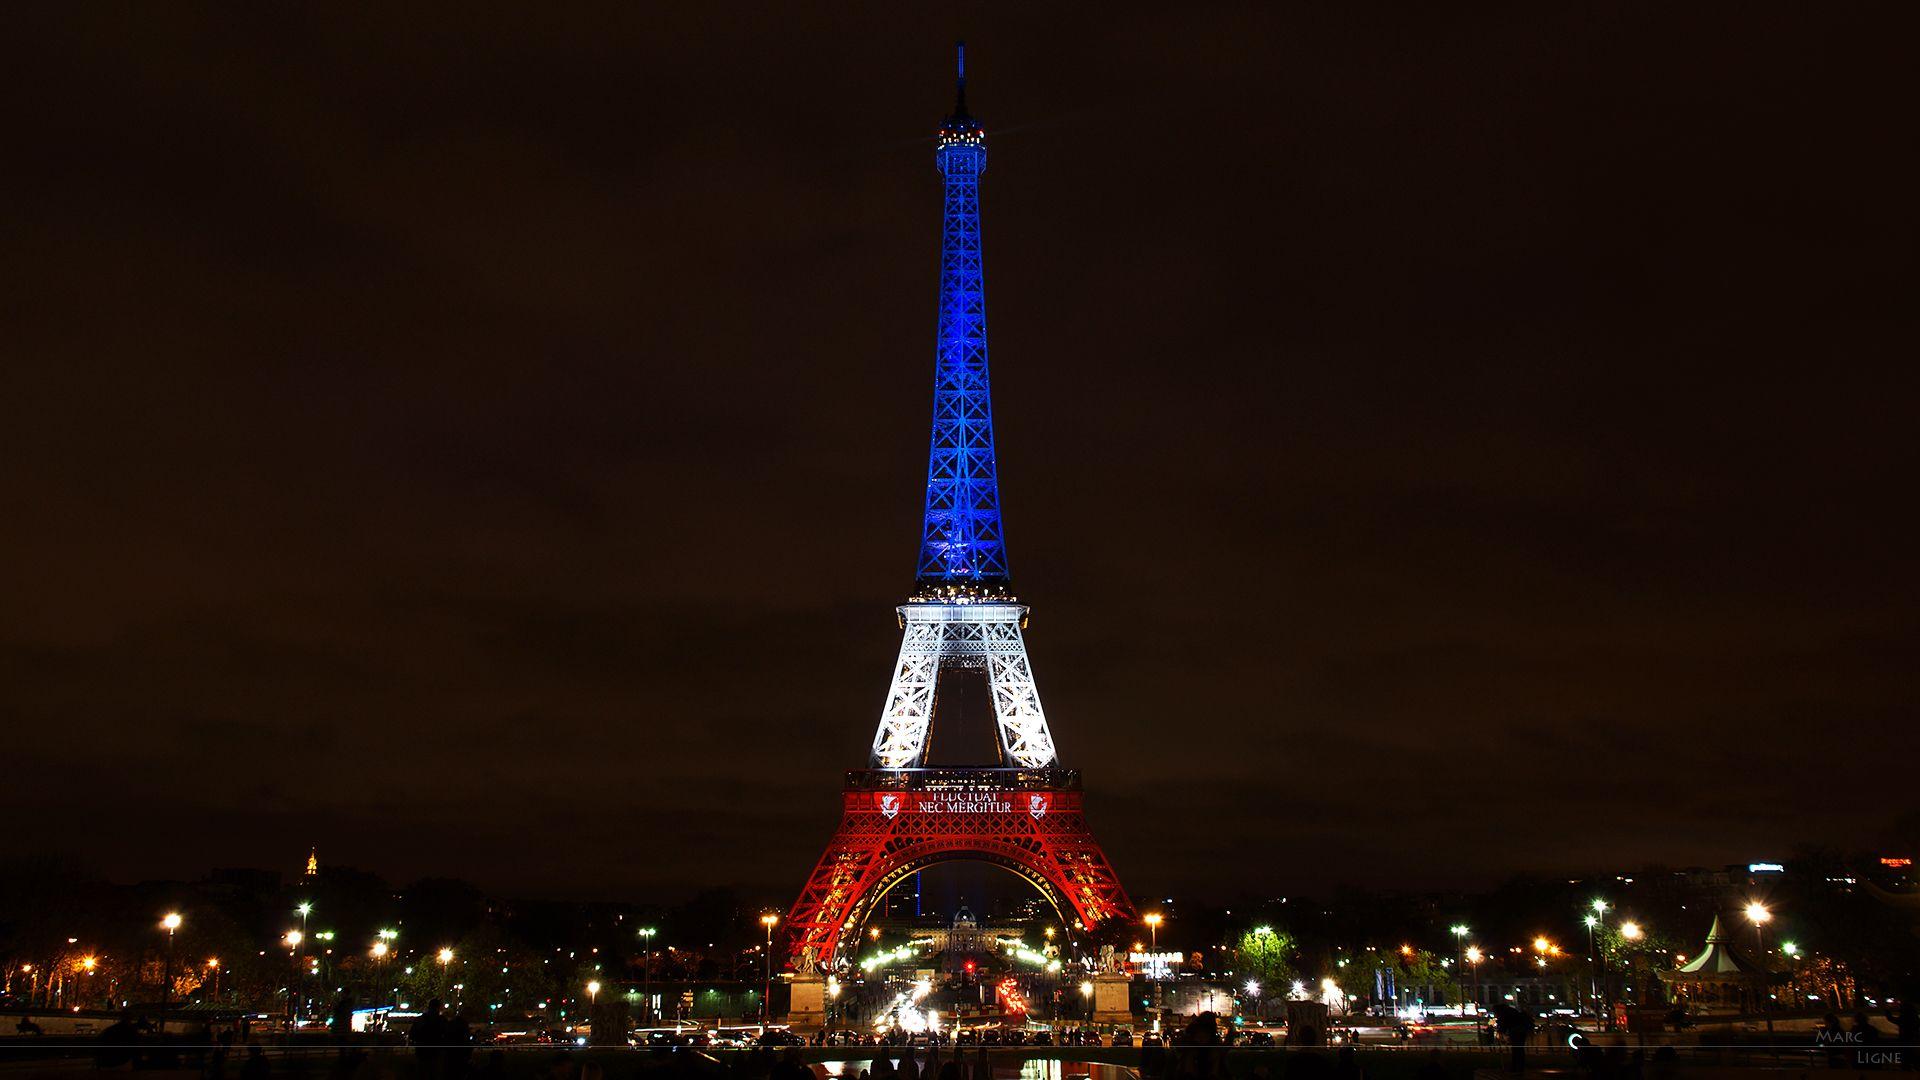 Paris november 13 2015 full hd fond d 39 cran and arri re for Fond ecran paris